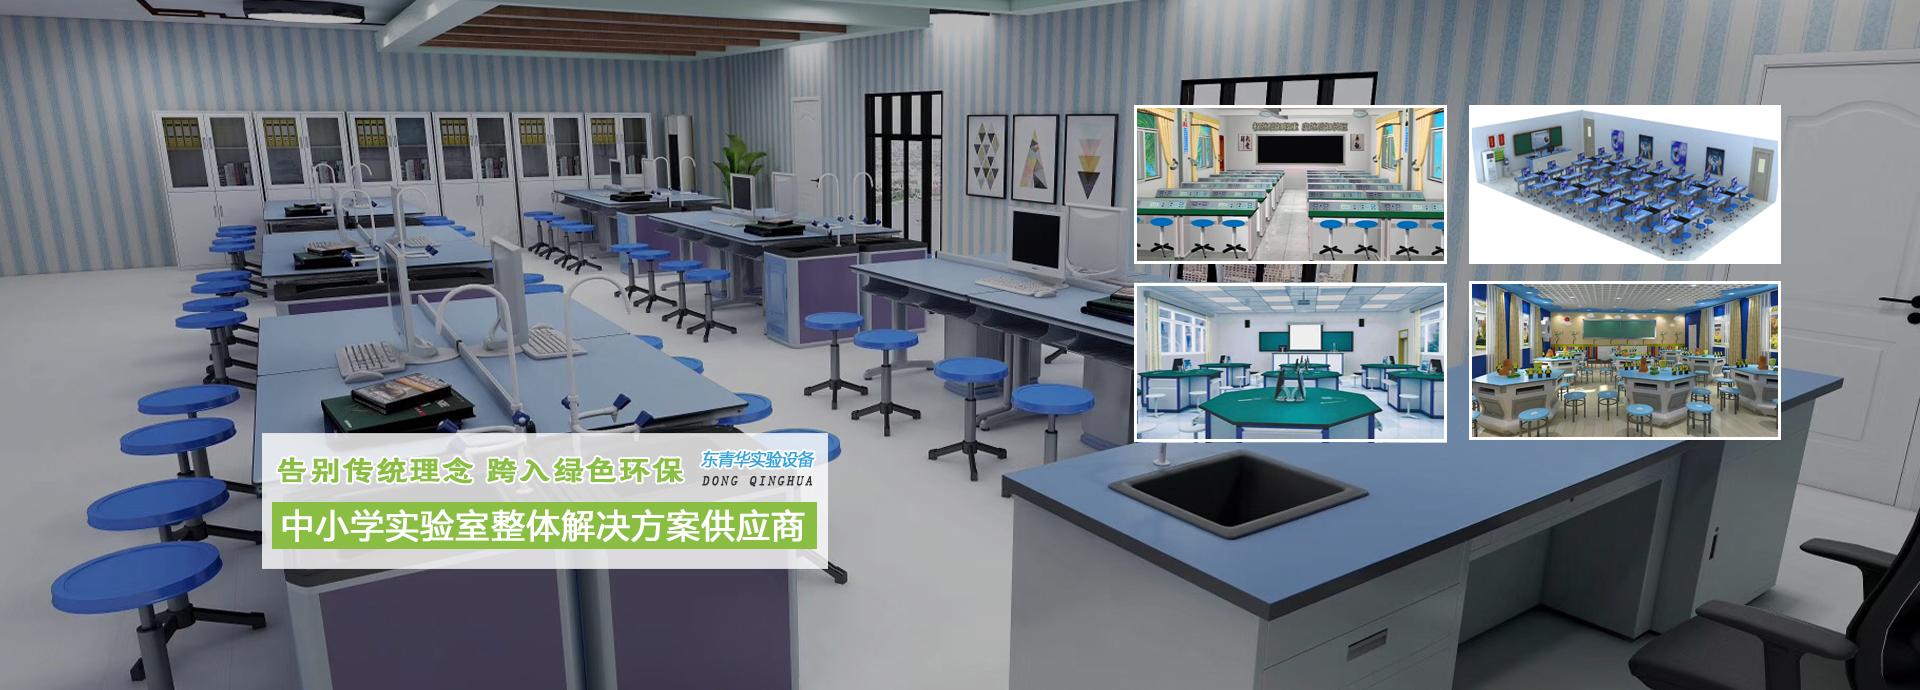 南宁中小学实验室